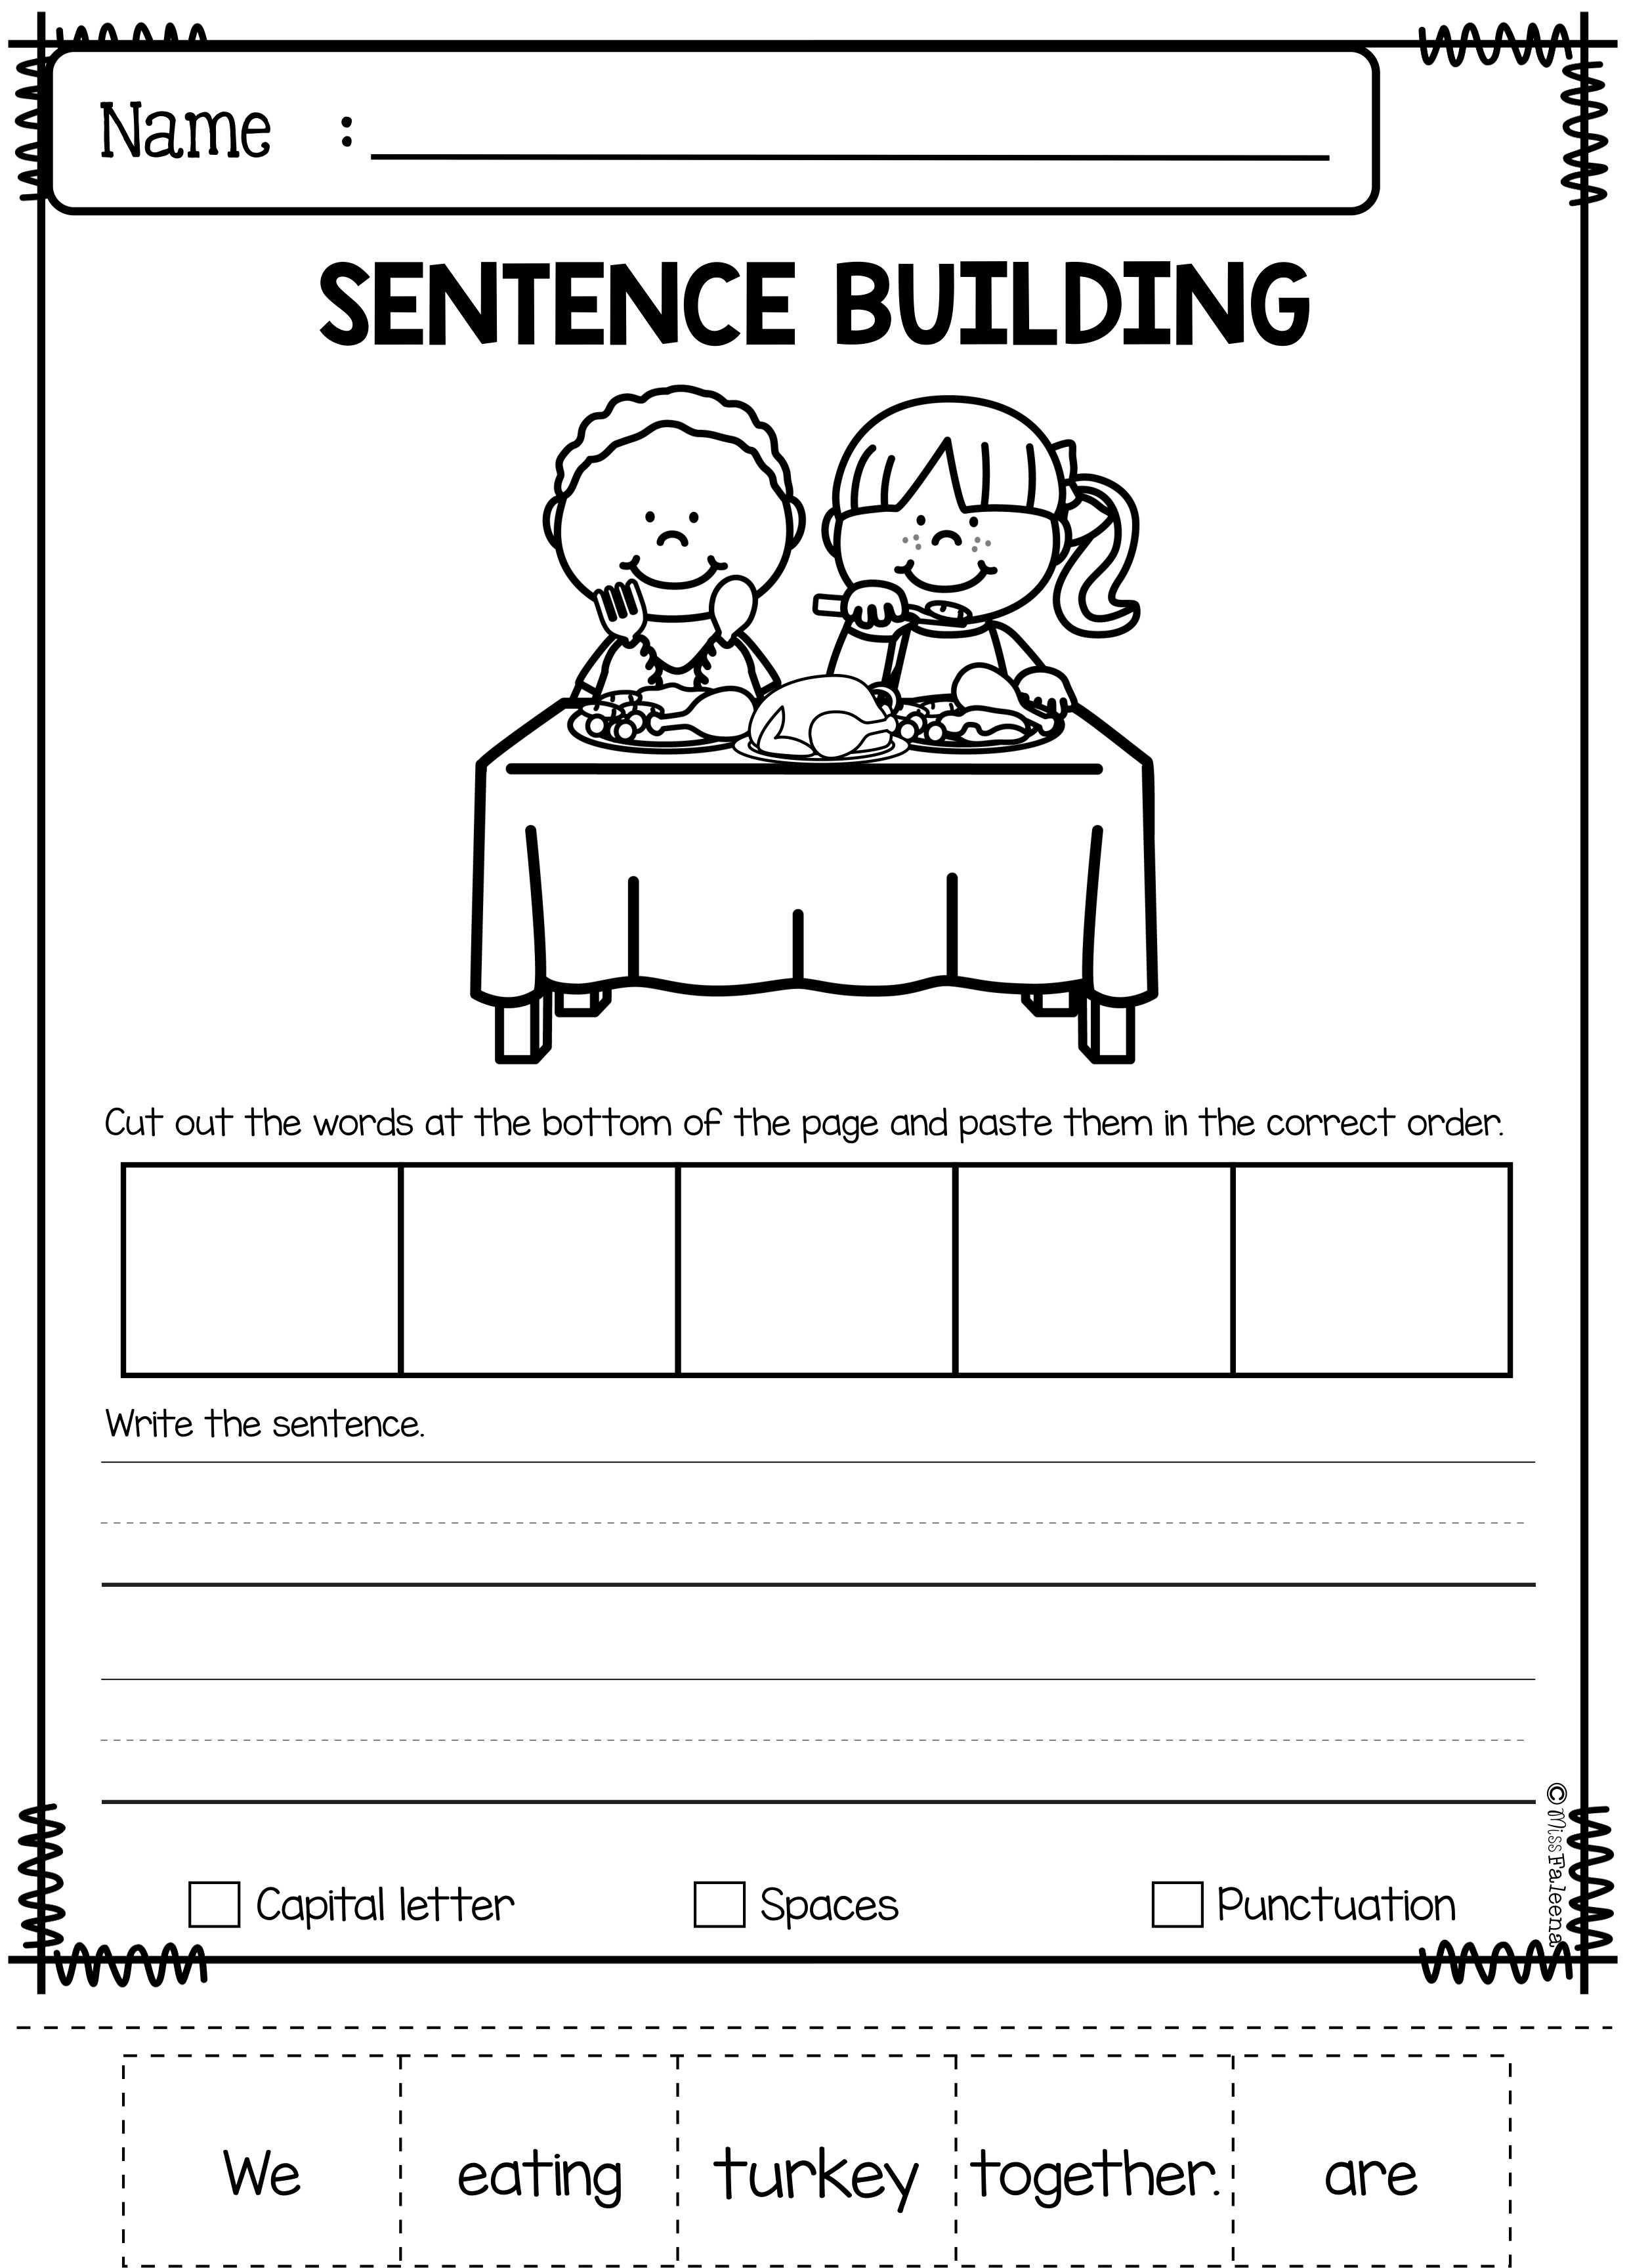 november sentence building school sentence building kindergarten lessons writing skills. Black Bedroom Furniture Sets. Home Design Ideas